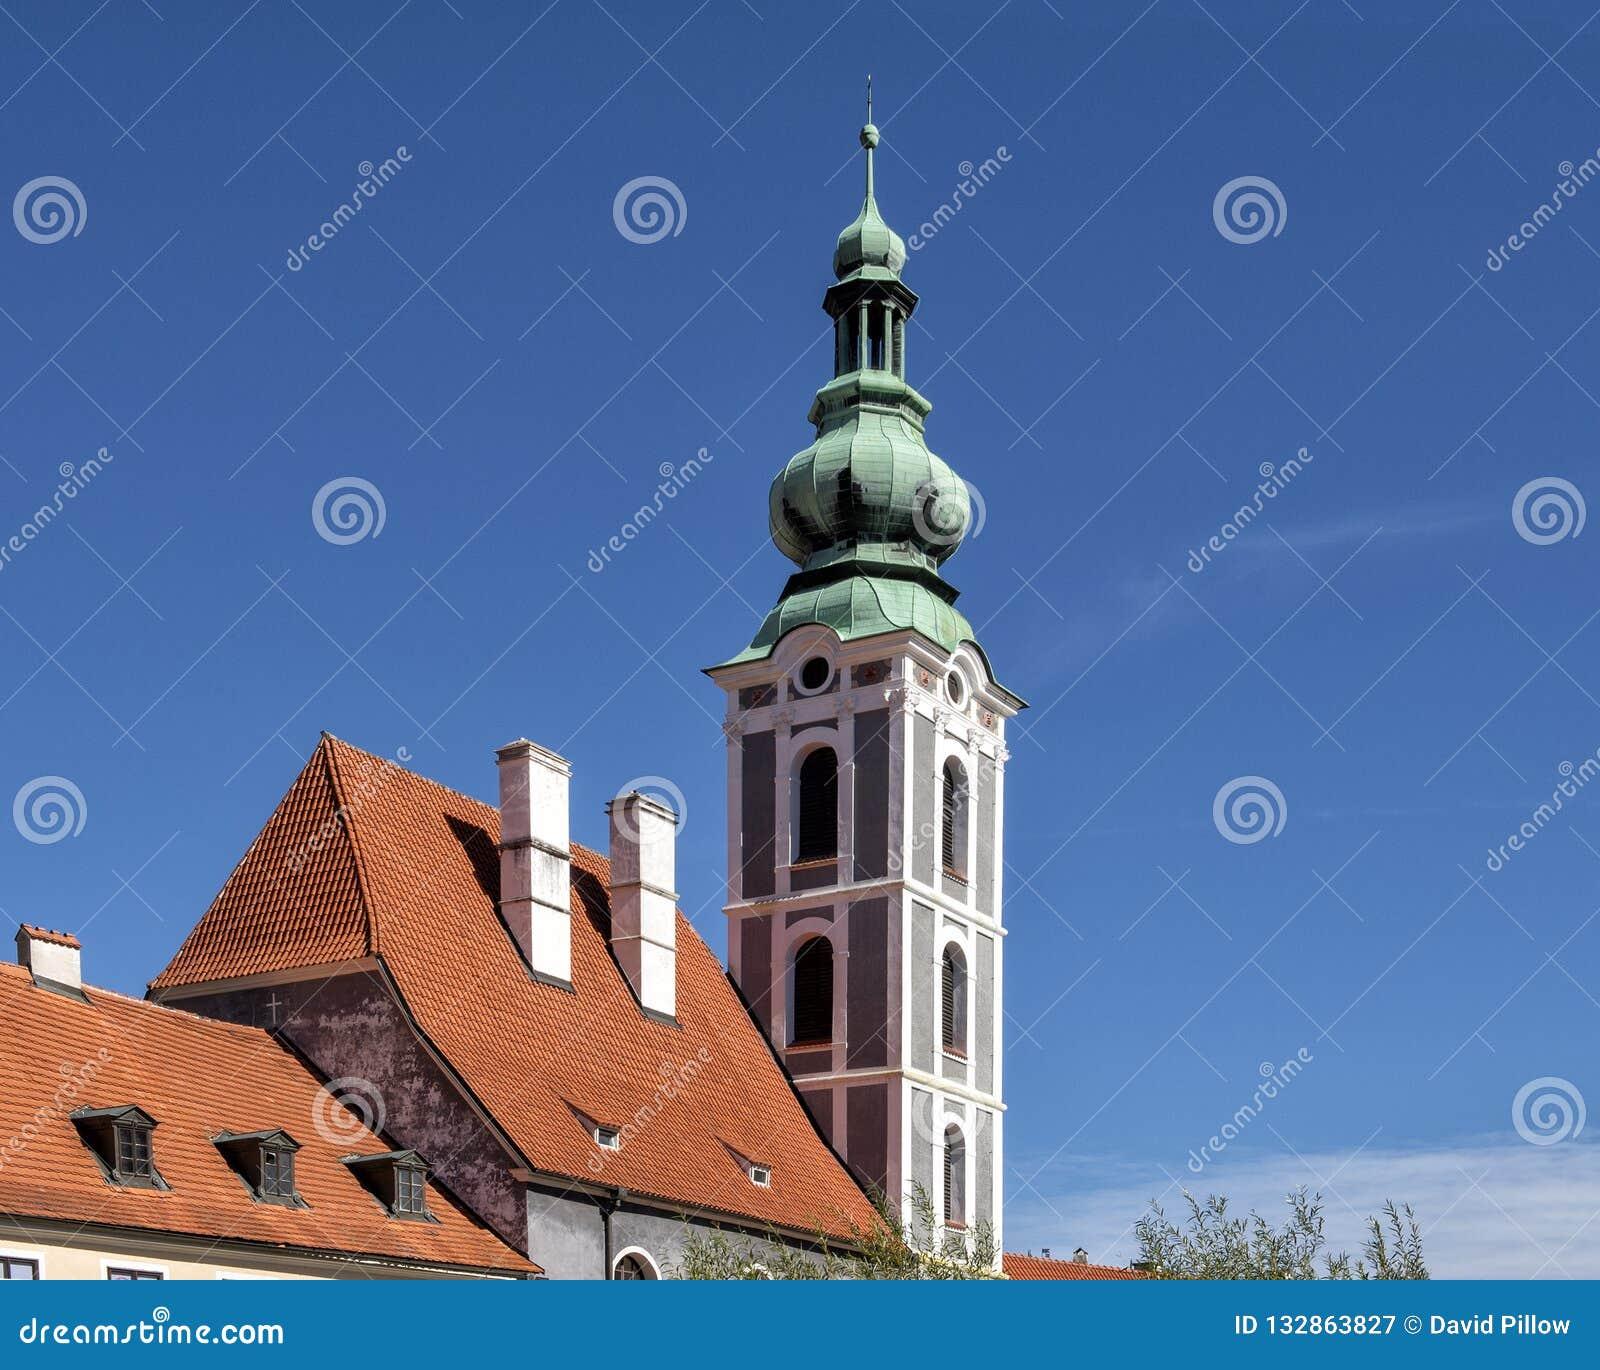 Der Kirchturm des St. Vitus Church in Cesky Krumlov, Tschechische Republik